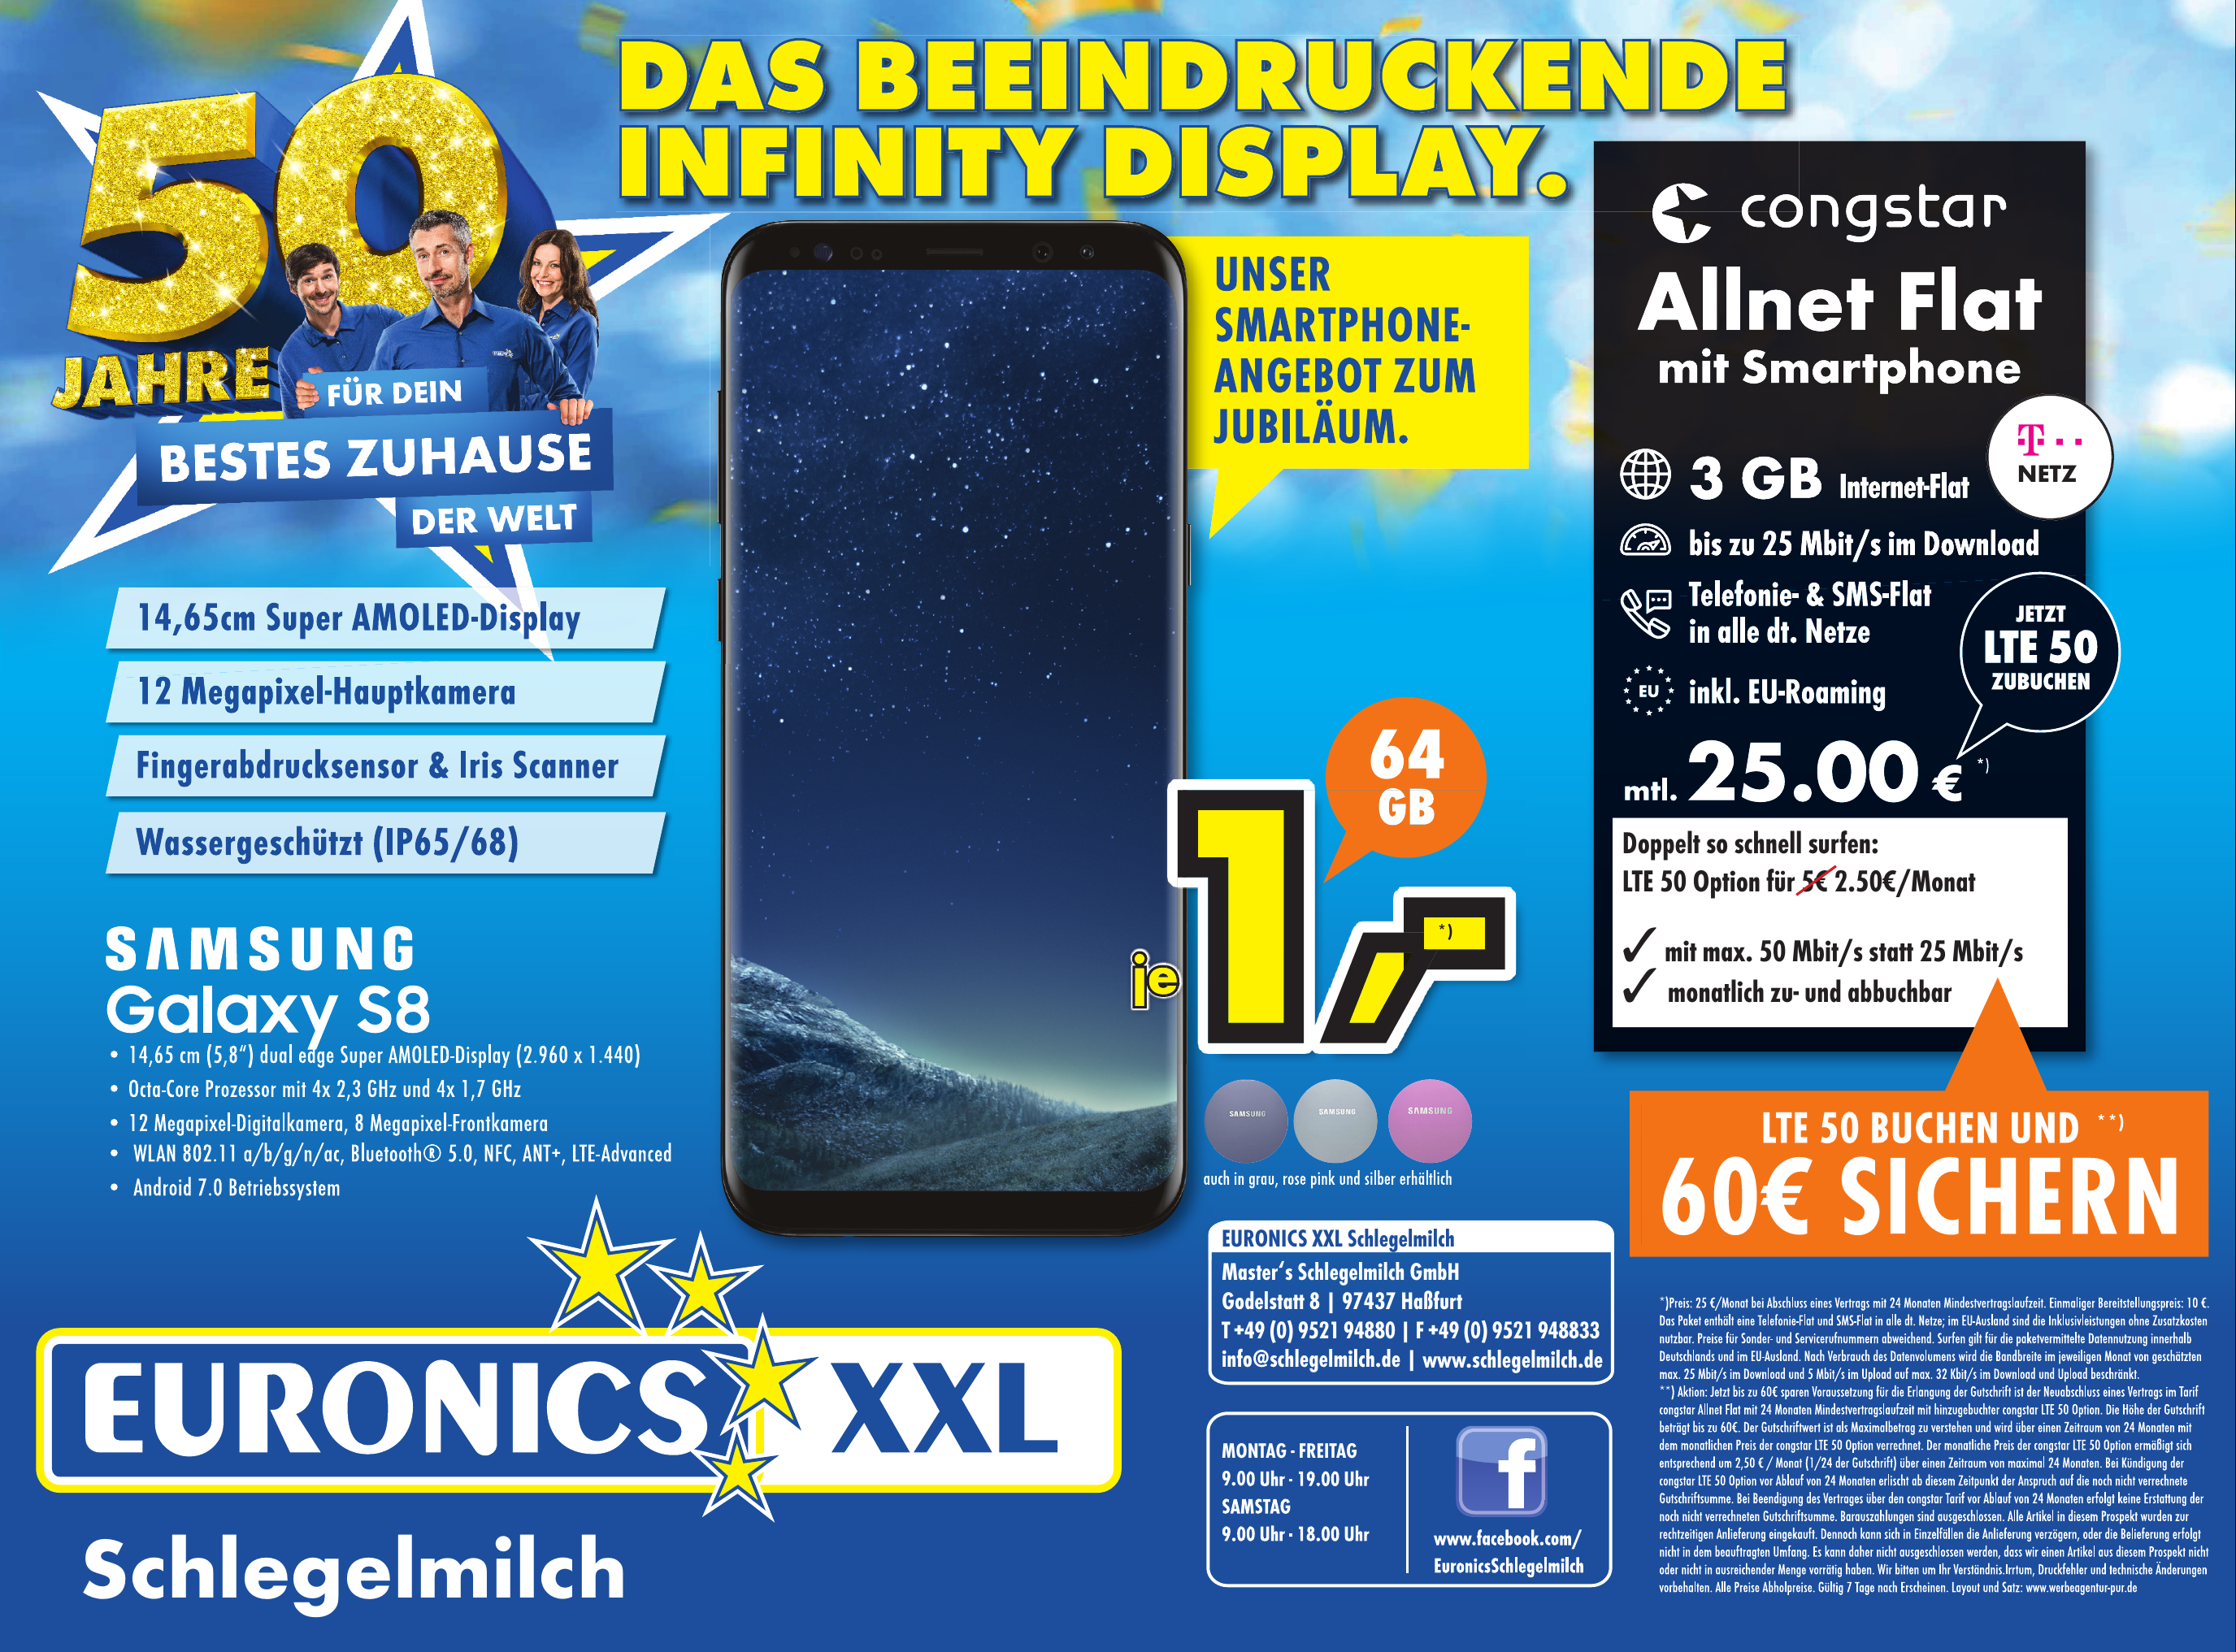 EURONICS XXL Schlegelmilch Master's Schlegelmilch GmbH